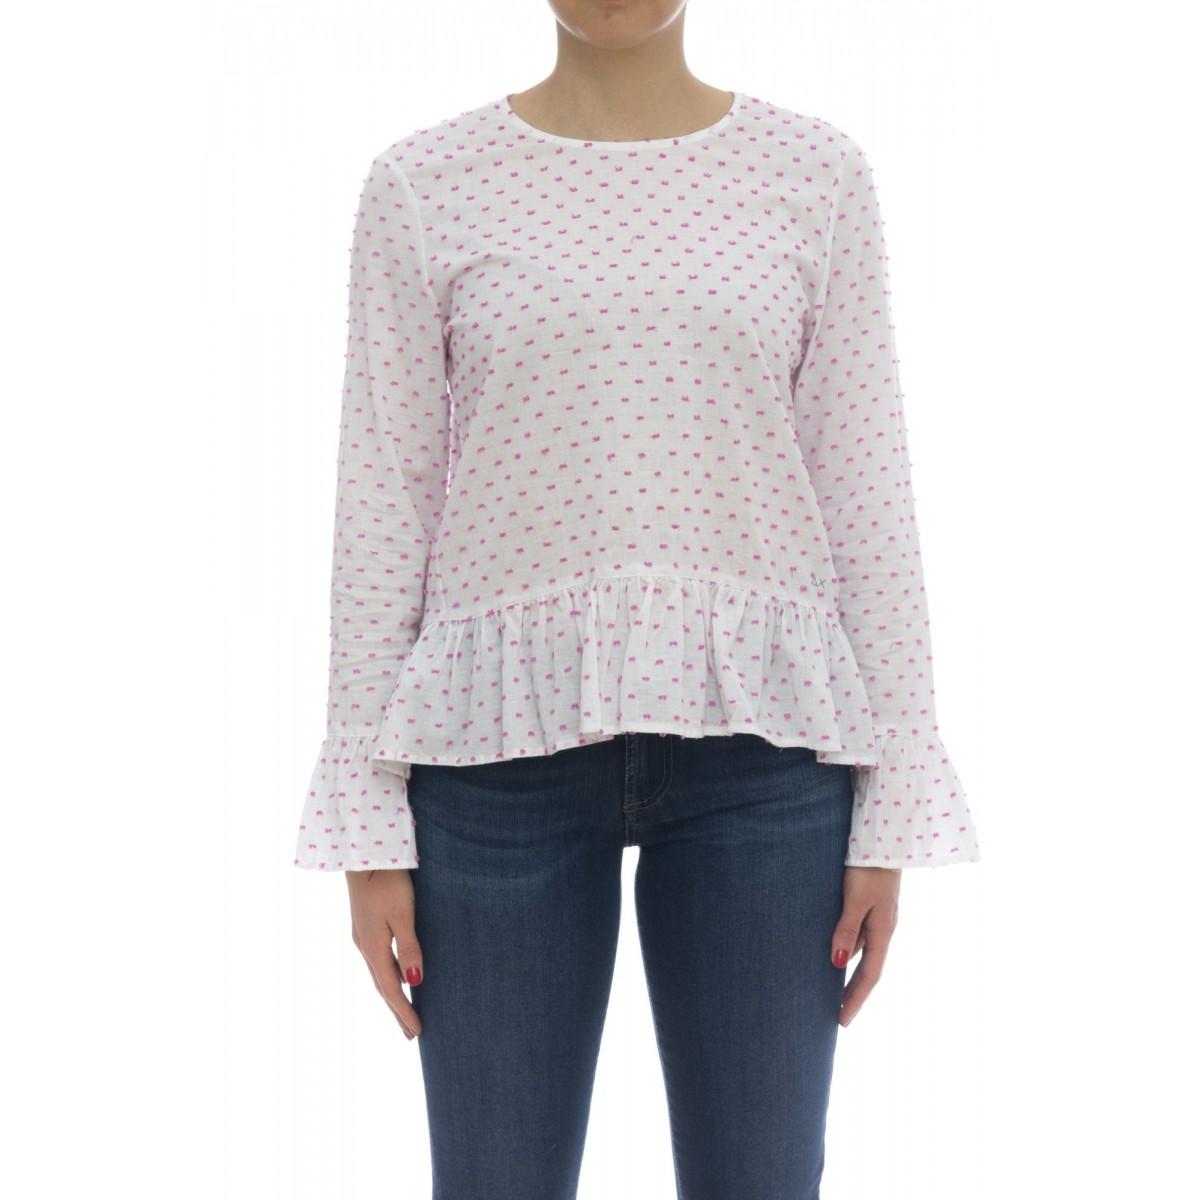 Camicia donna - S18215 camicia manica lunga